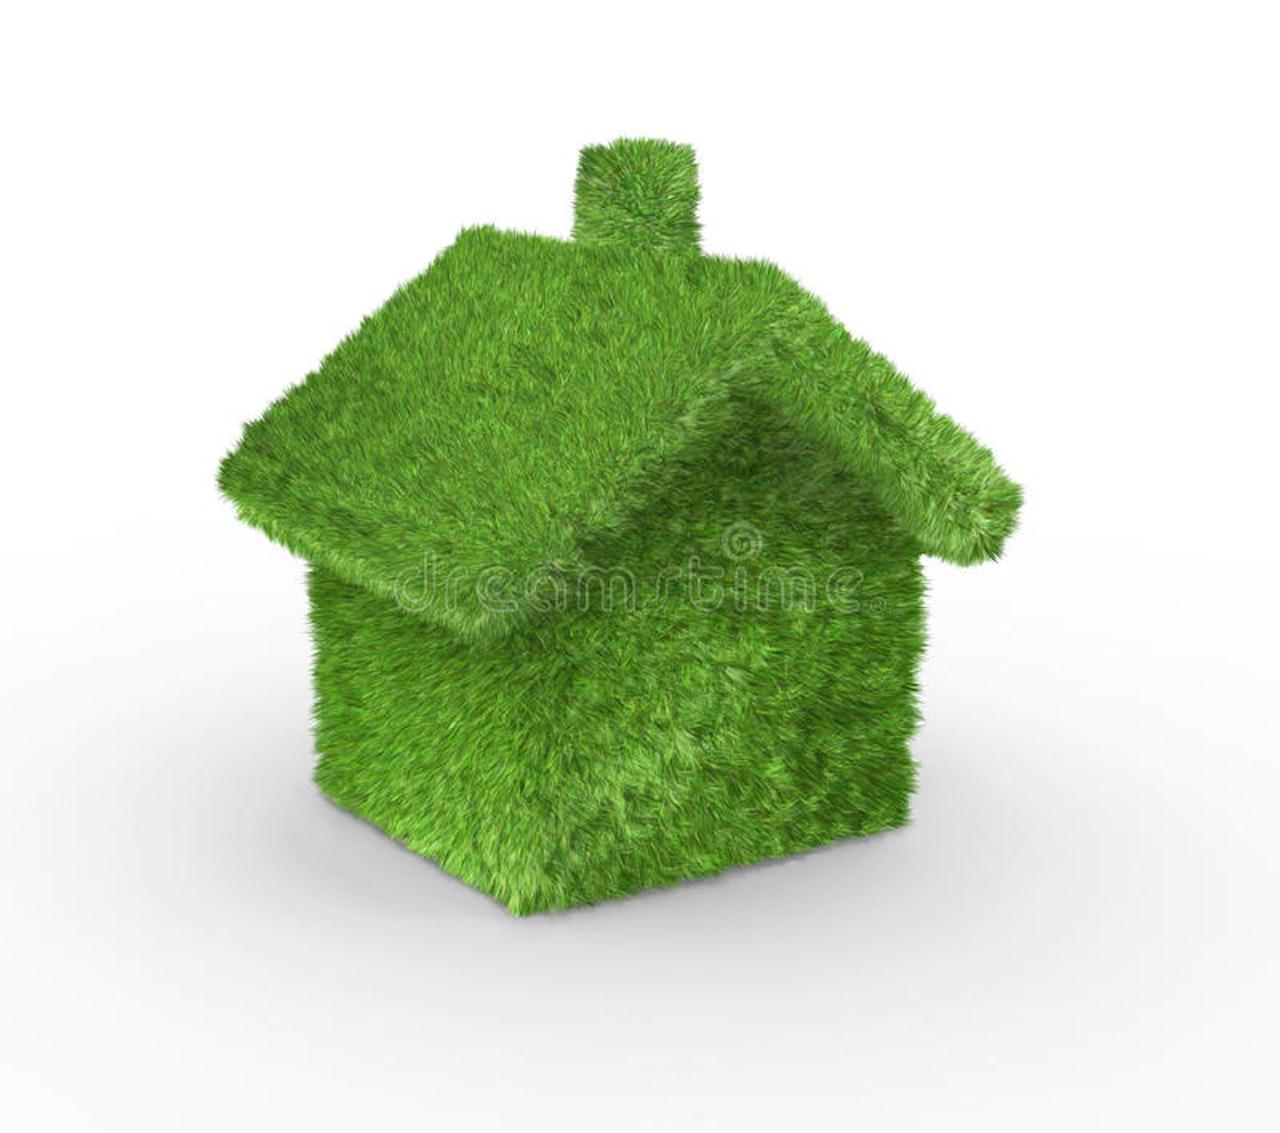 green-grass-house-9528270